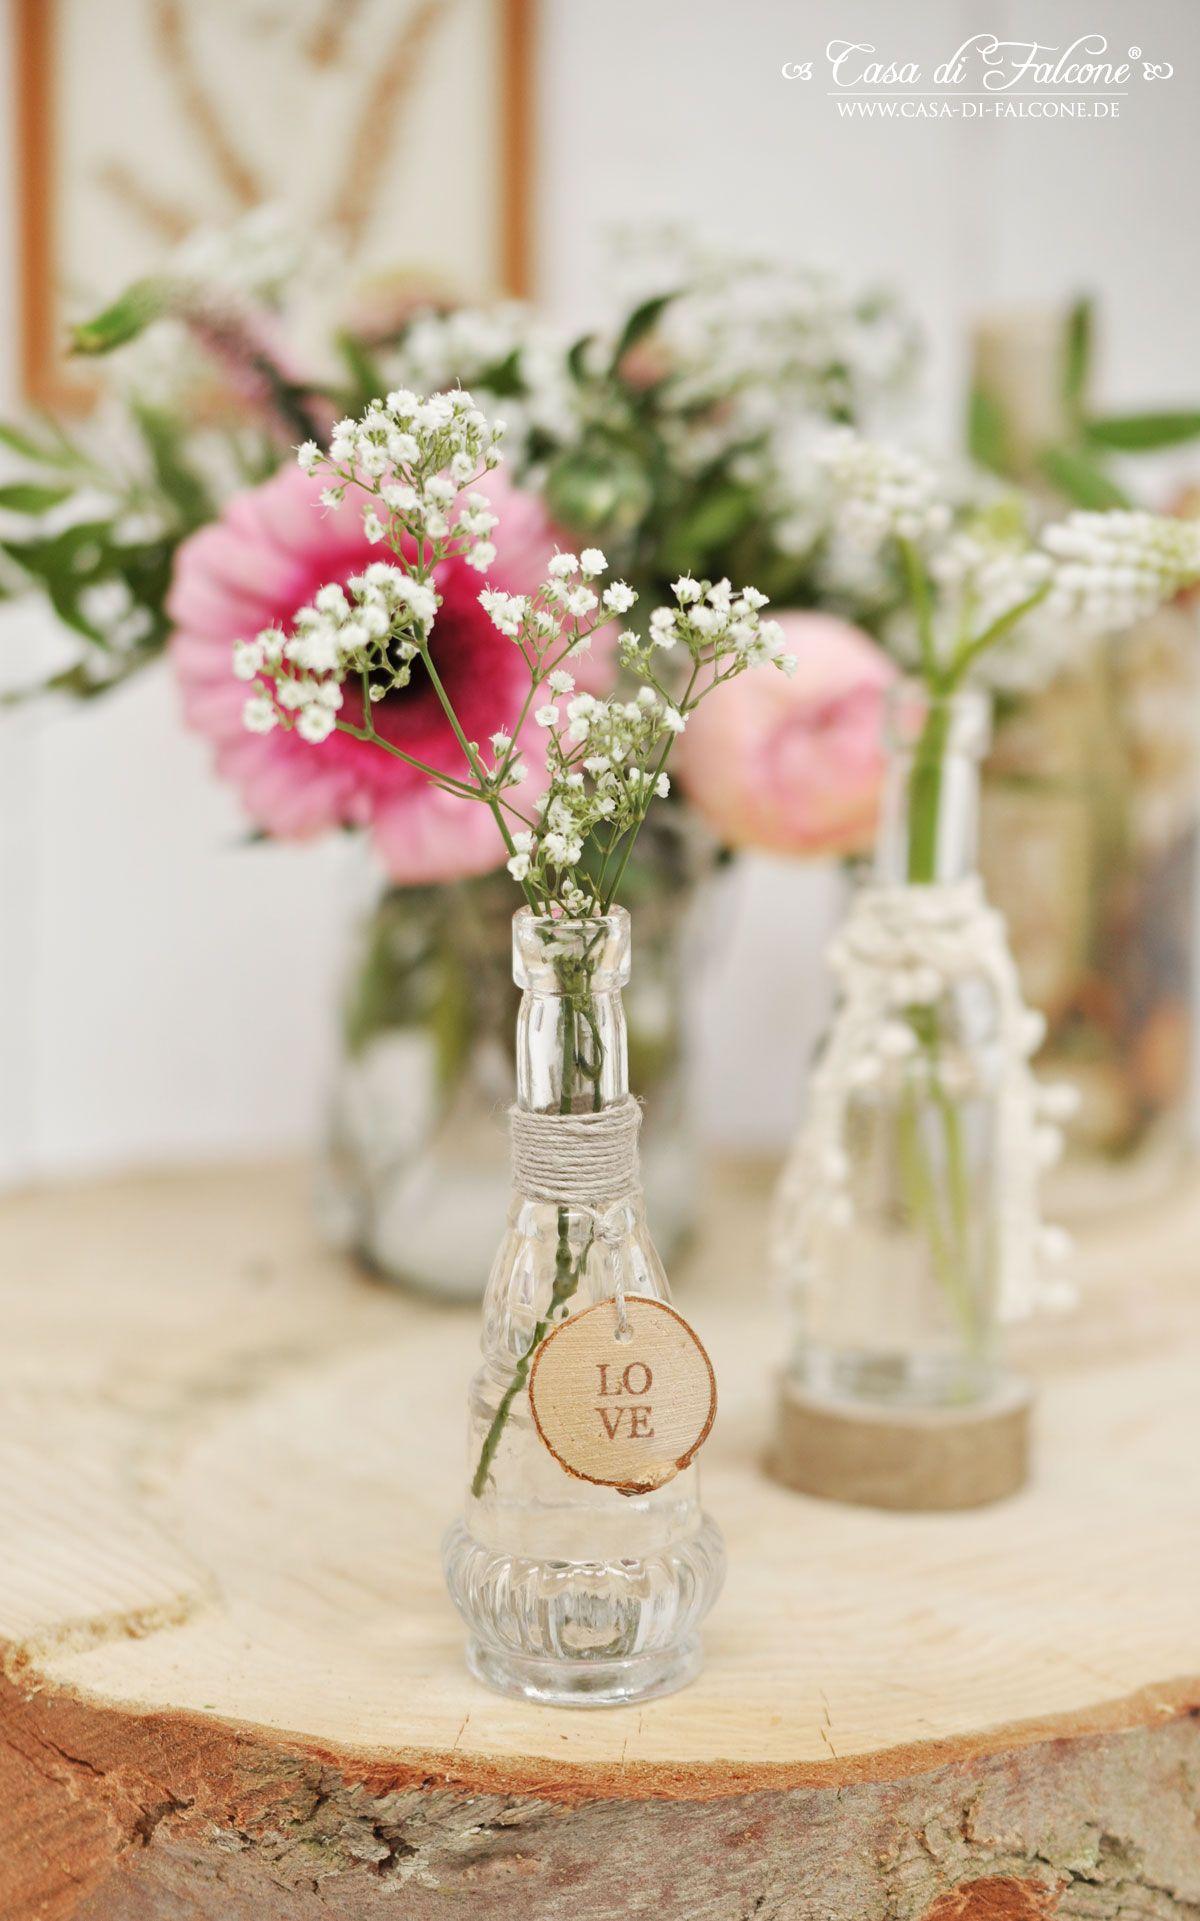 Schner heiraten rustikale Tischdeko mit Baumscheiben  Blumen  Tischdekoration hochzeit